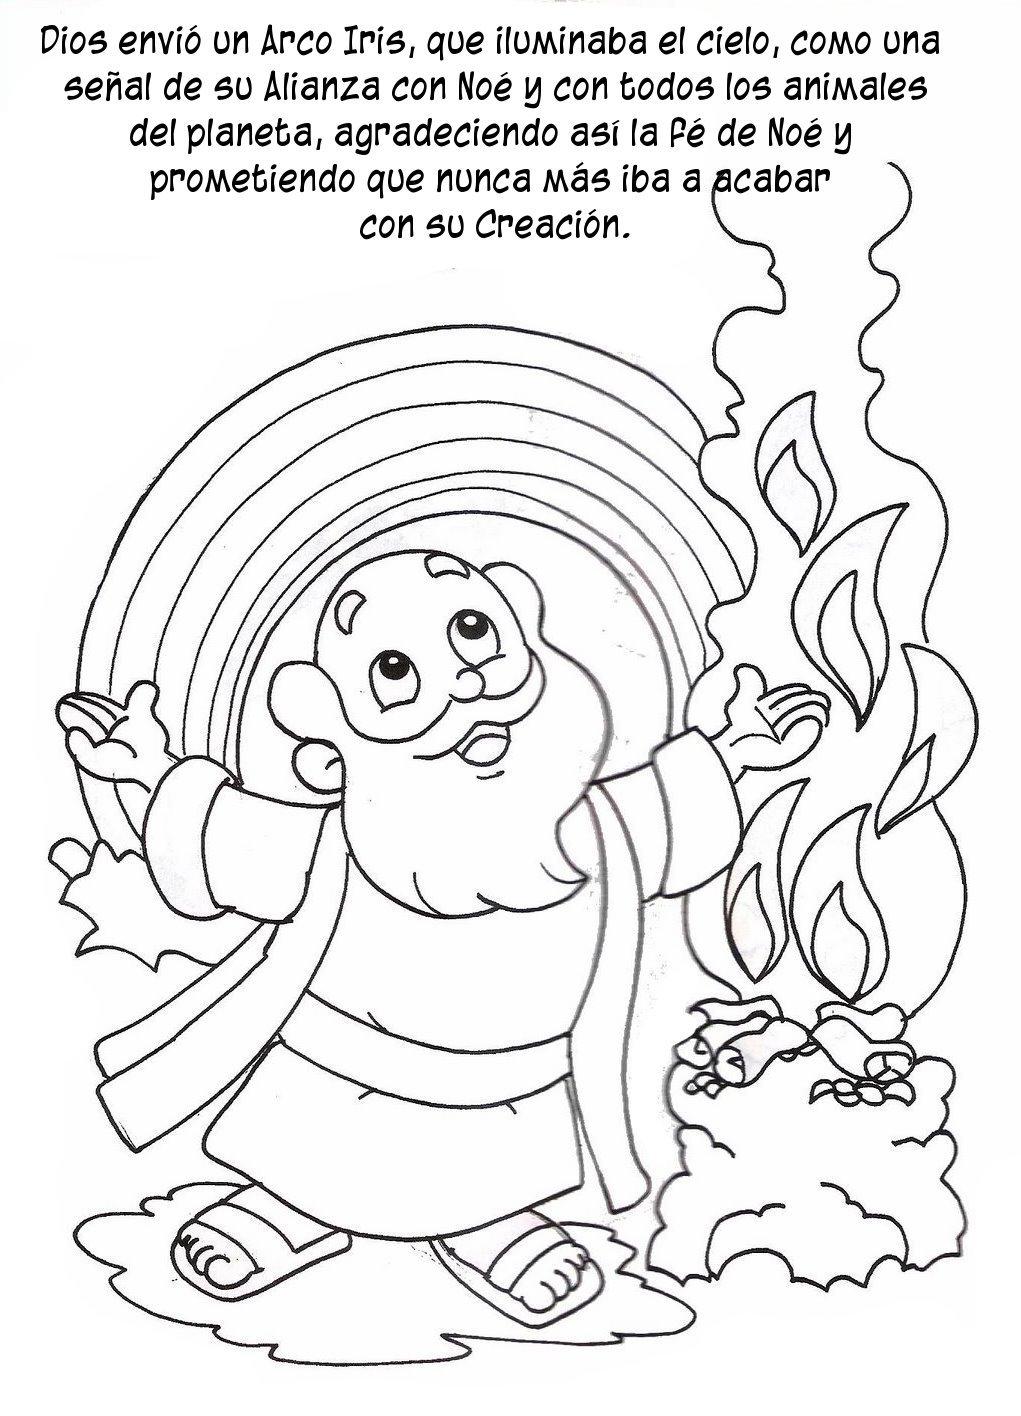 Historia Arca No en dibujos  Compartiendo por amor